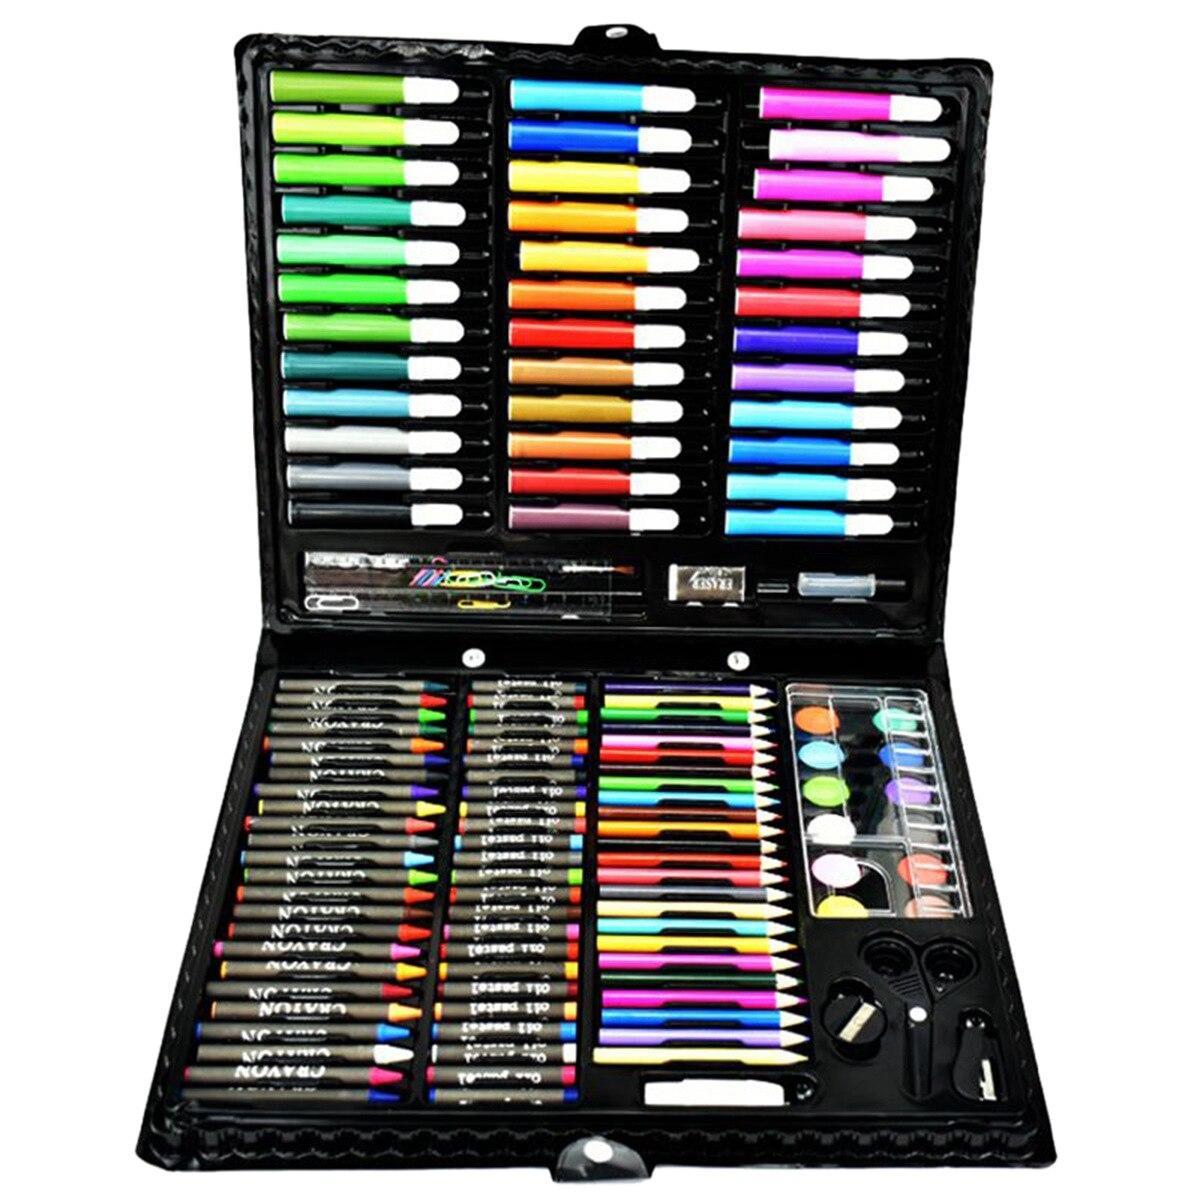 Juego de Arte de lujo, 150 Uds. Conjunto de herramientas para pintar bocetos para niños, bolígrafo de acuarela, pincel de pintura al óleo Pastel, bolígrafo de dibujo